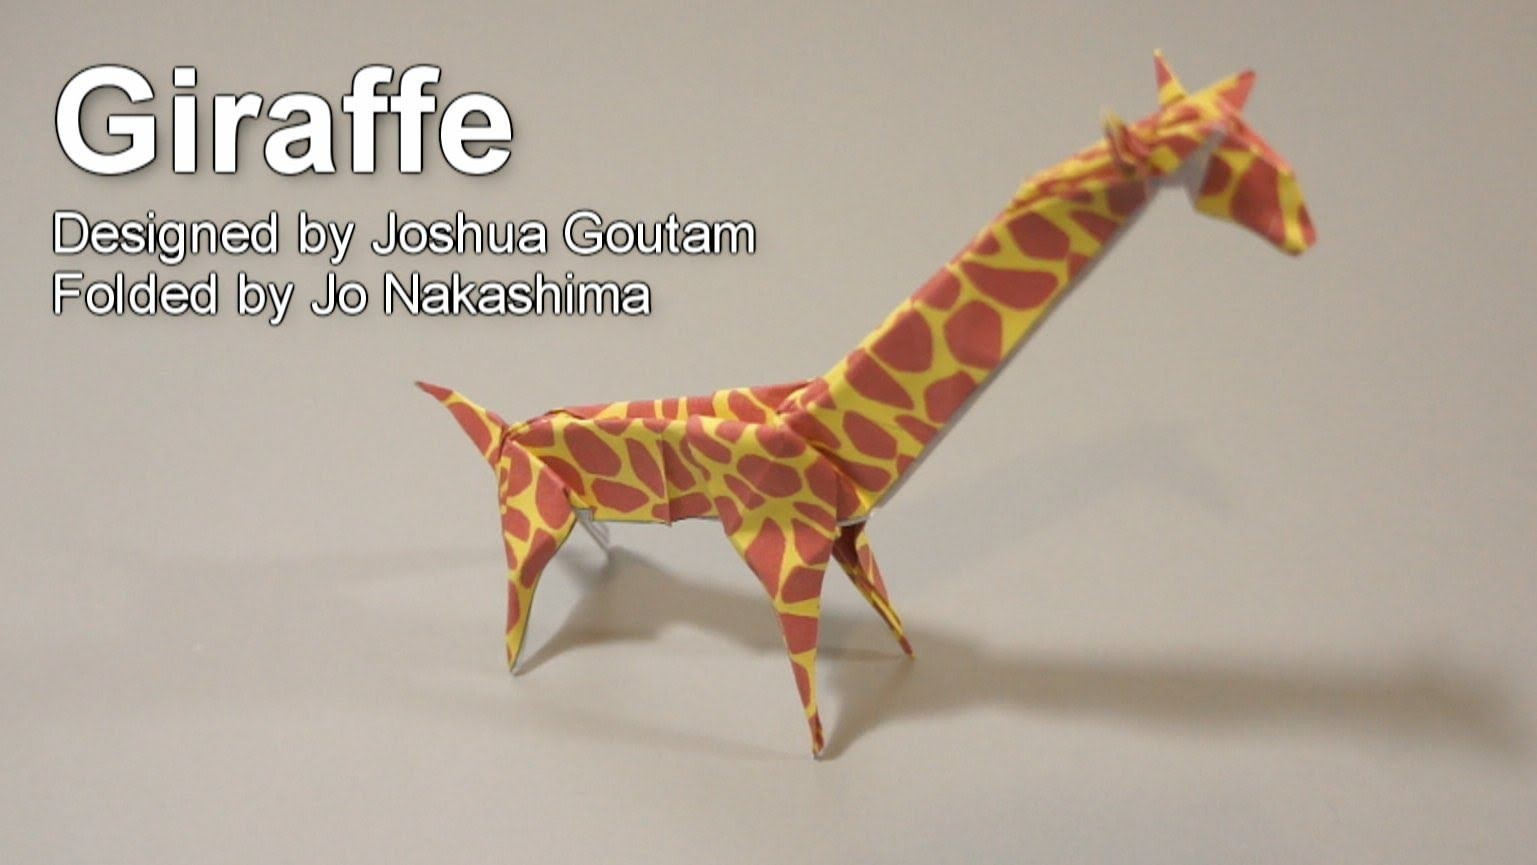 Origami Giraffe (Joshua Goutam)